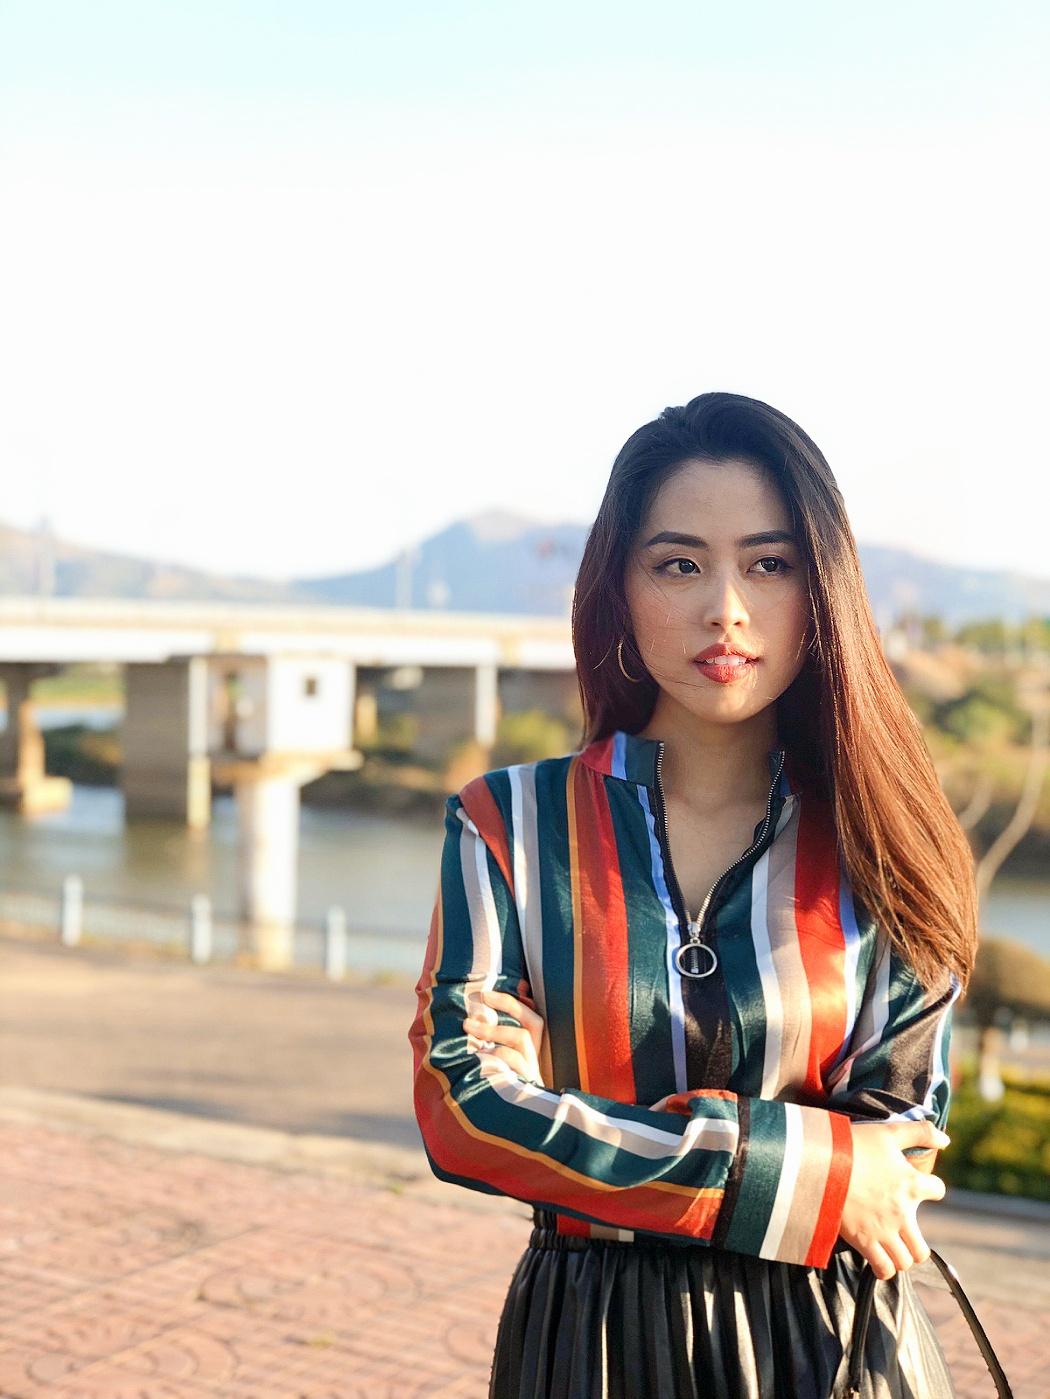 Nữ MC truyền hình 22 tuổi thi HHVN 2020: Các bạn đua theo xu hướng Kpop hay Âu Mỹ, mình chỉ chuộng style đơn giản chuẩn chỉnh tác phong nhà đài - Ảnh 14.